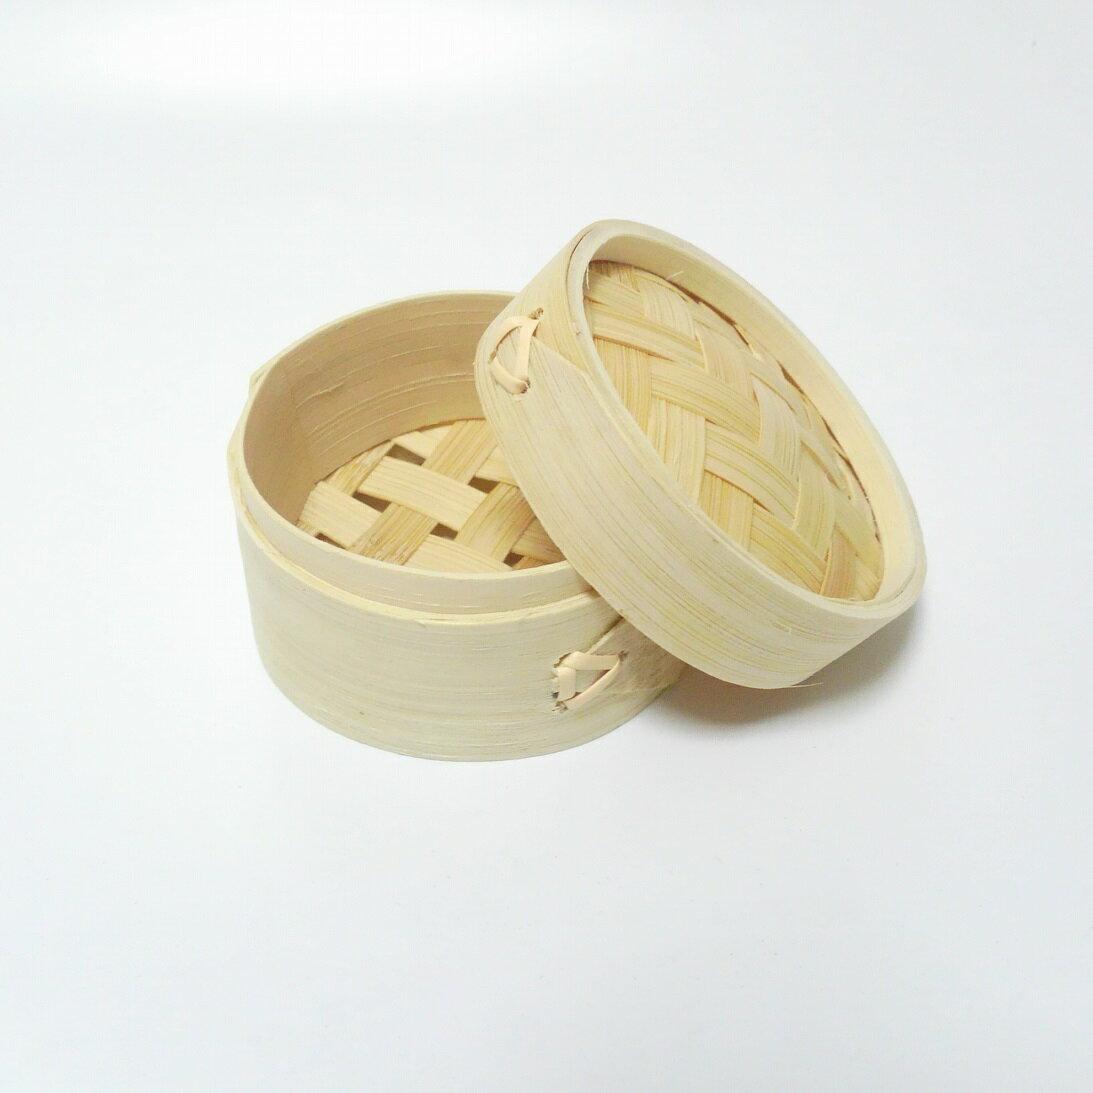 セイロ小物入れ10個セット【 せいろ 竹 自然素材 小物 アクセサリ 置物 餃子 シュウマイ 中華 】